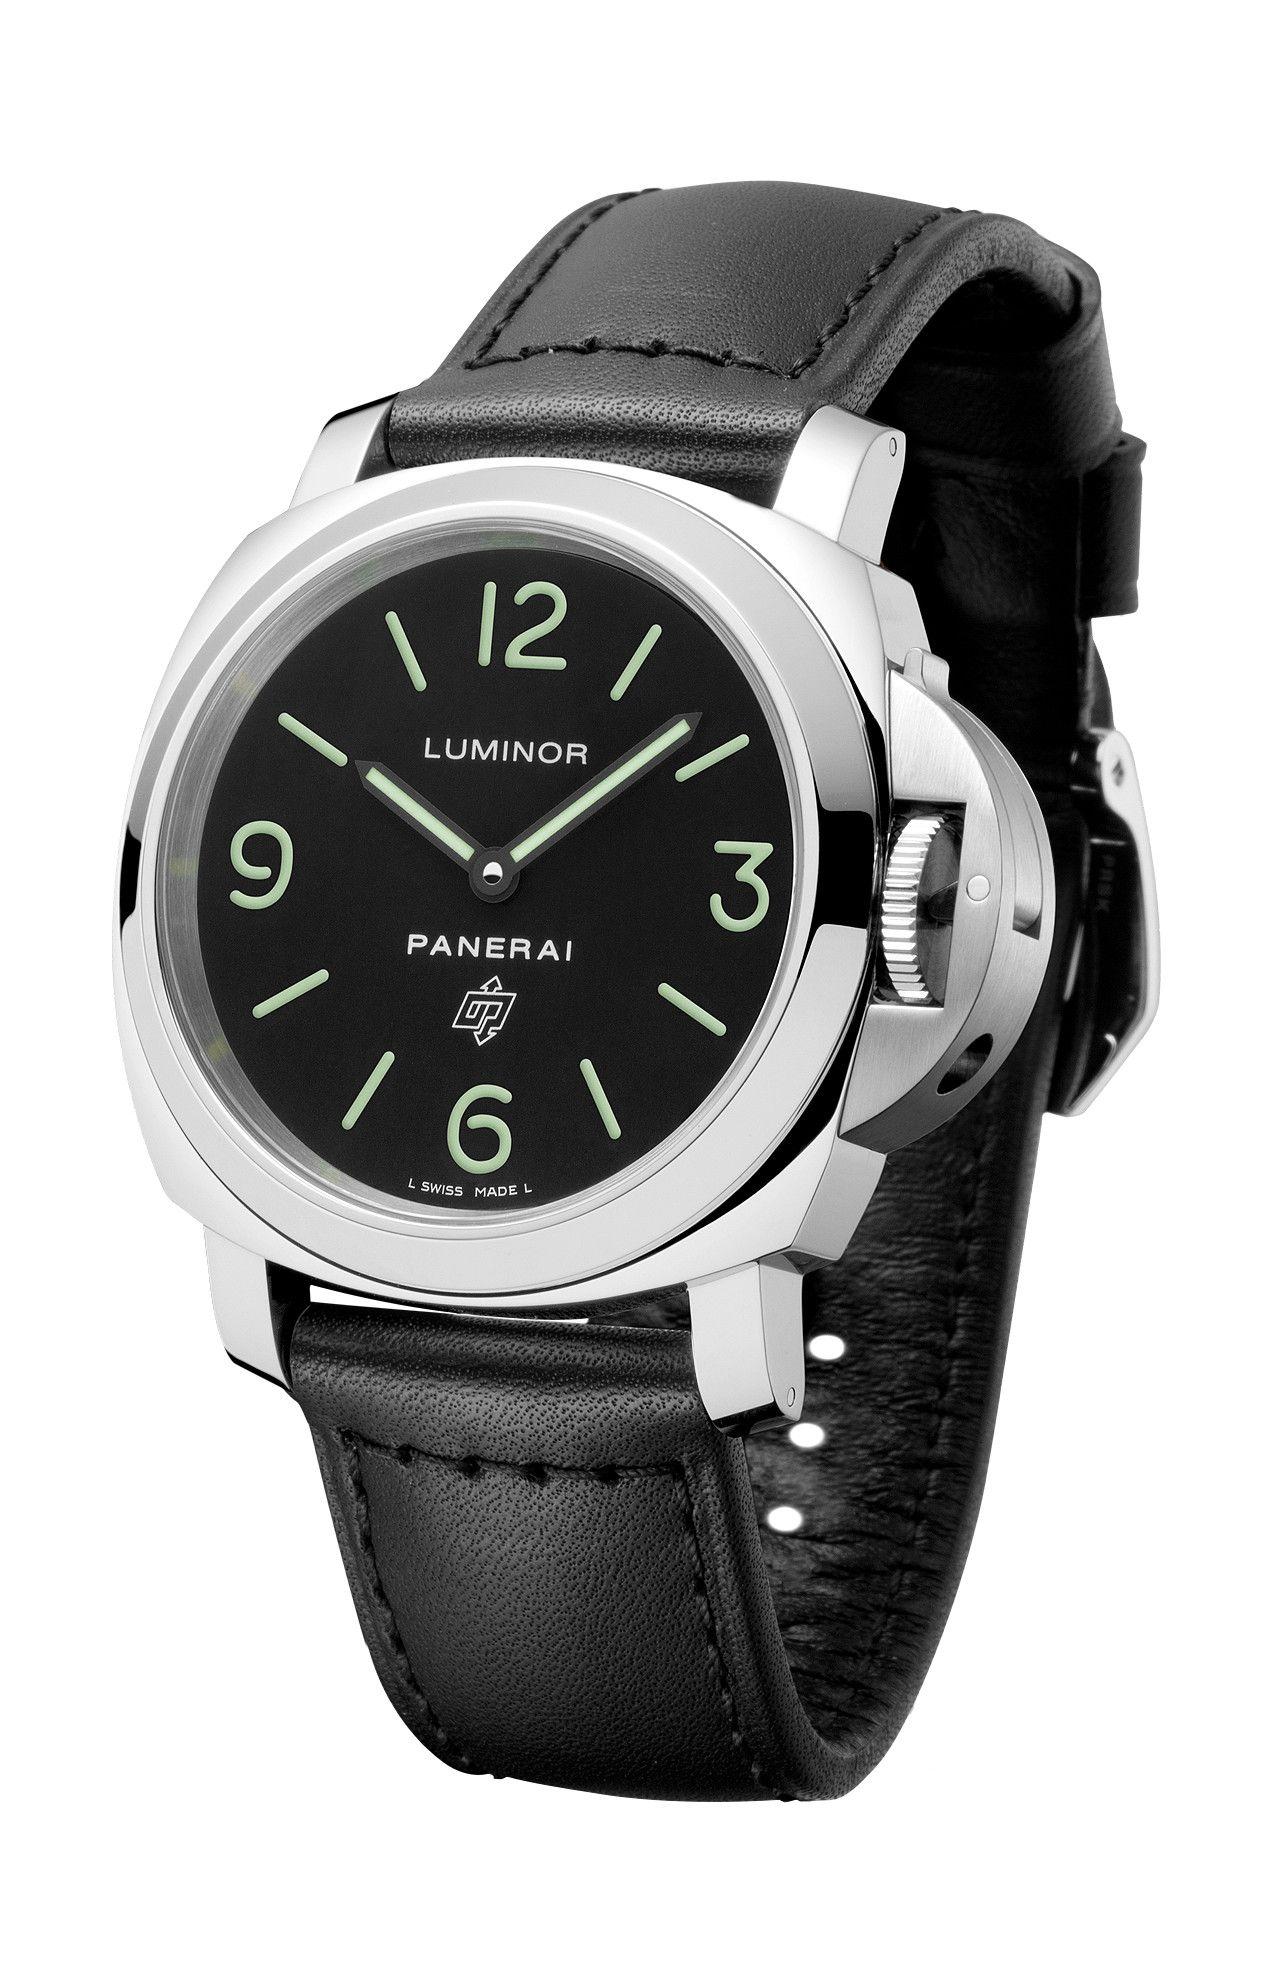 LUMINOR BASE LOGO ACCIAIO - 44MM - PAM01000